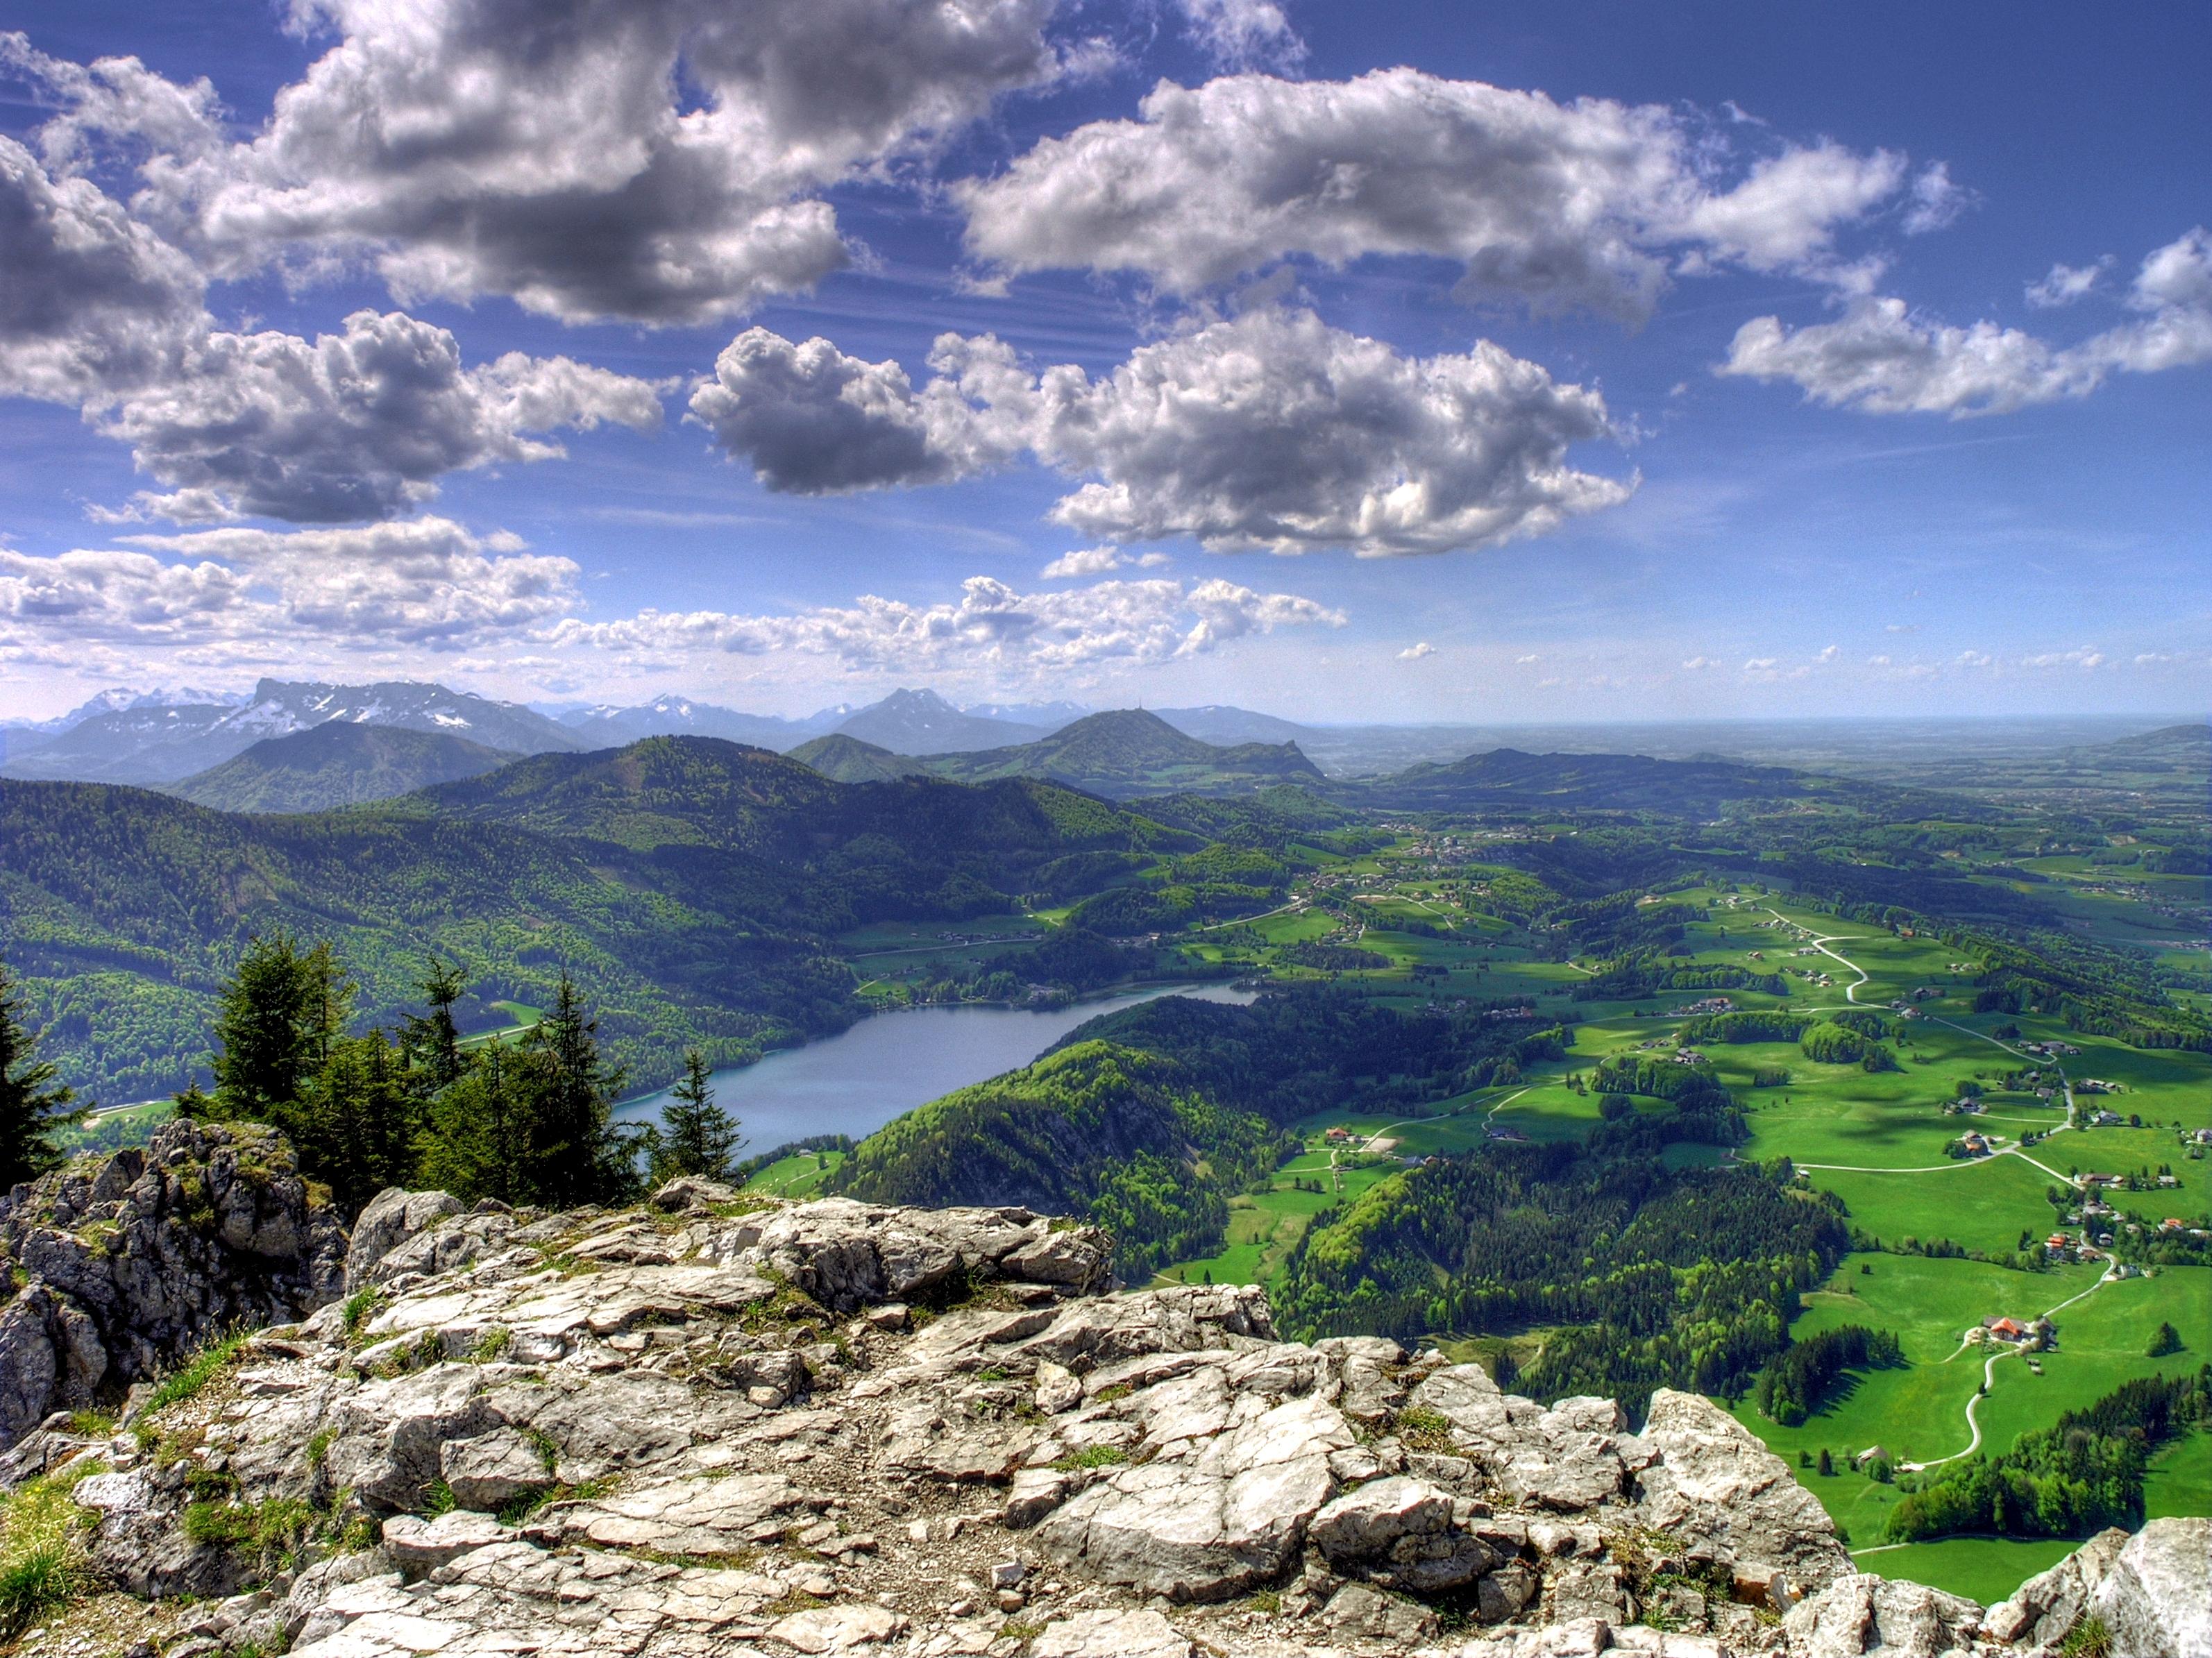 110975 descargar fondo de pantalla Naturaleza, Vista Desde Arriba, Nubes, Montañas, Paisaje: protectores de pantalla e imágenes gratis